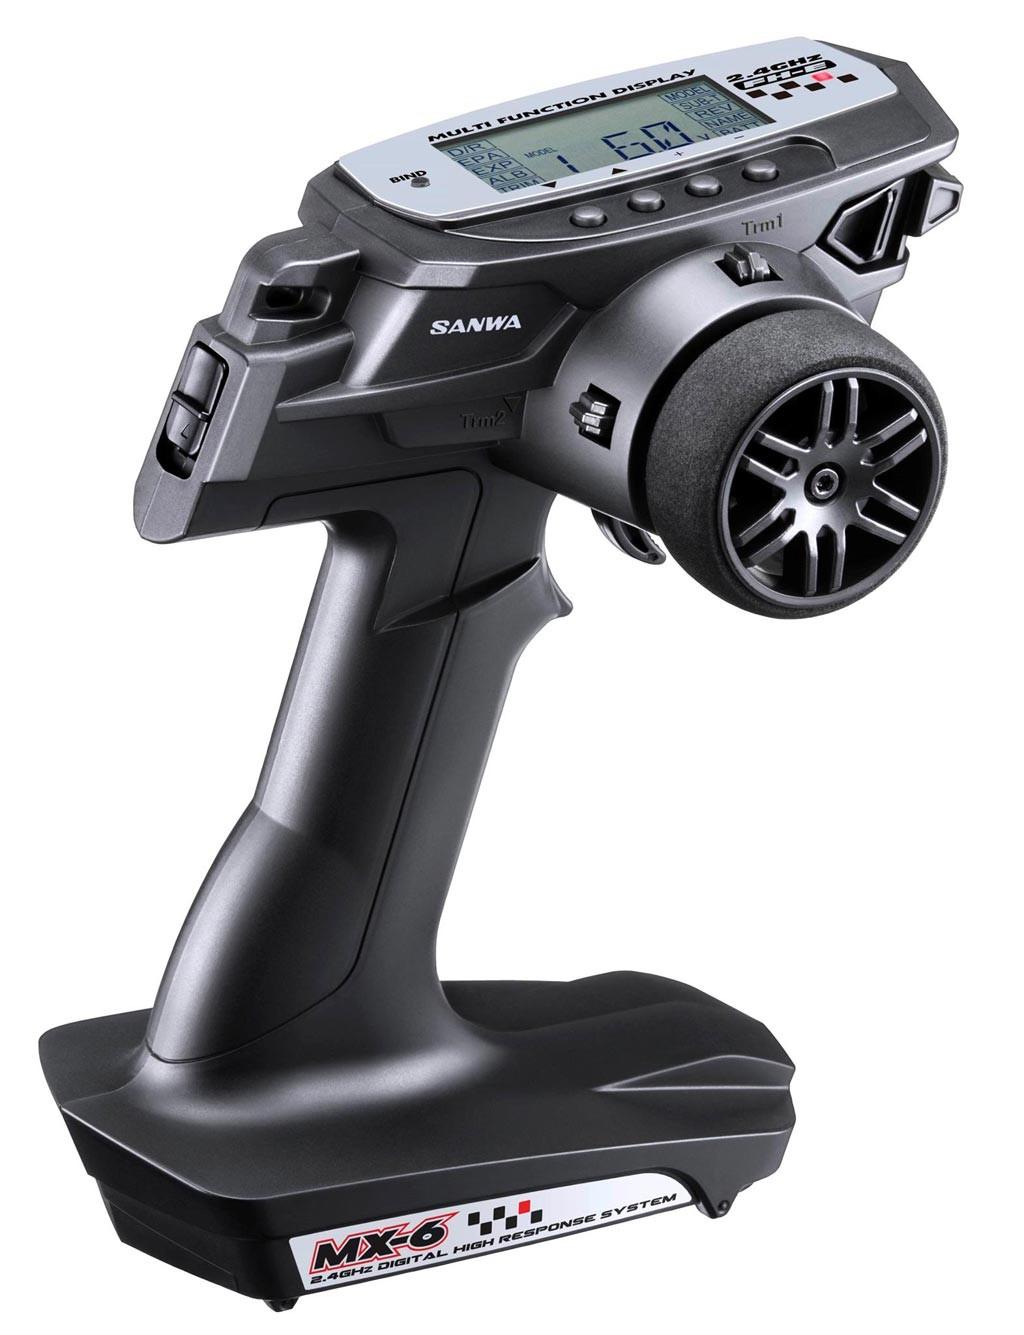 SANWA RADIO MX-6 + RECEPTEUR RX391, 101A32574A